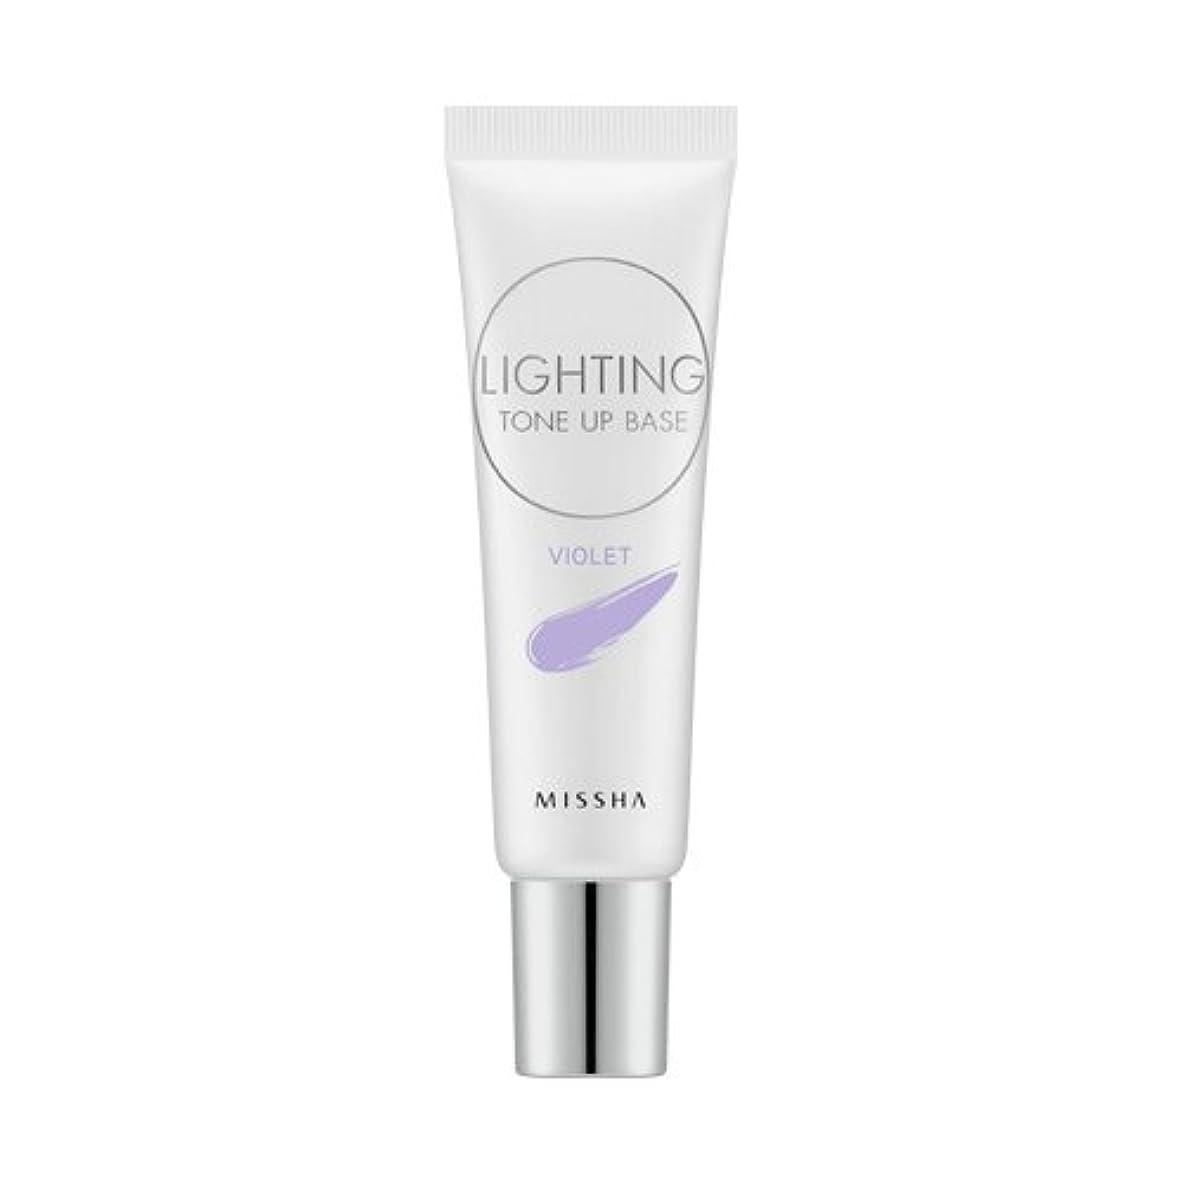 マイルド犯人許容できるMISSHA Lighting Tone Up Base 20ml/ミシャ ライティング トーン アップ ベース 20ml (#Violet)